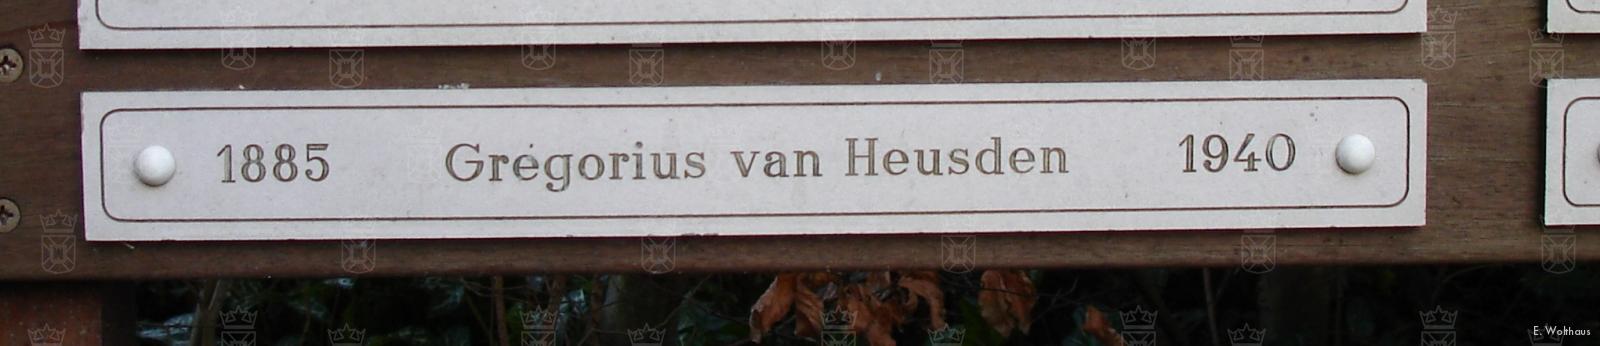 Het graf van Gregorius van Heusden is inmiddels geruimd, zijn naam is nog terug te vinden op een plaquette.